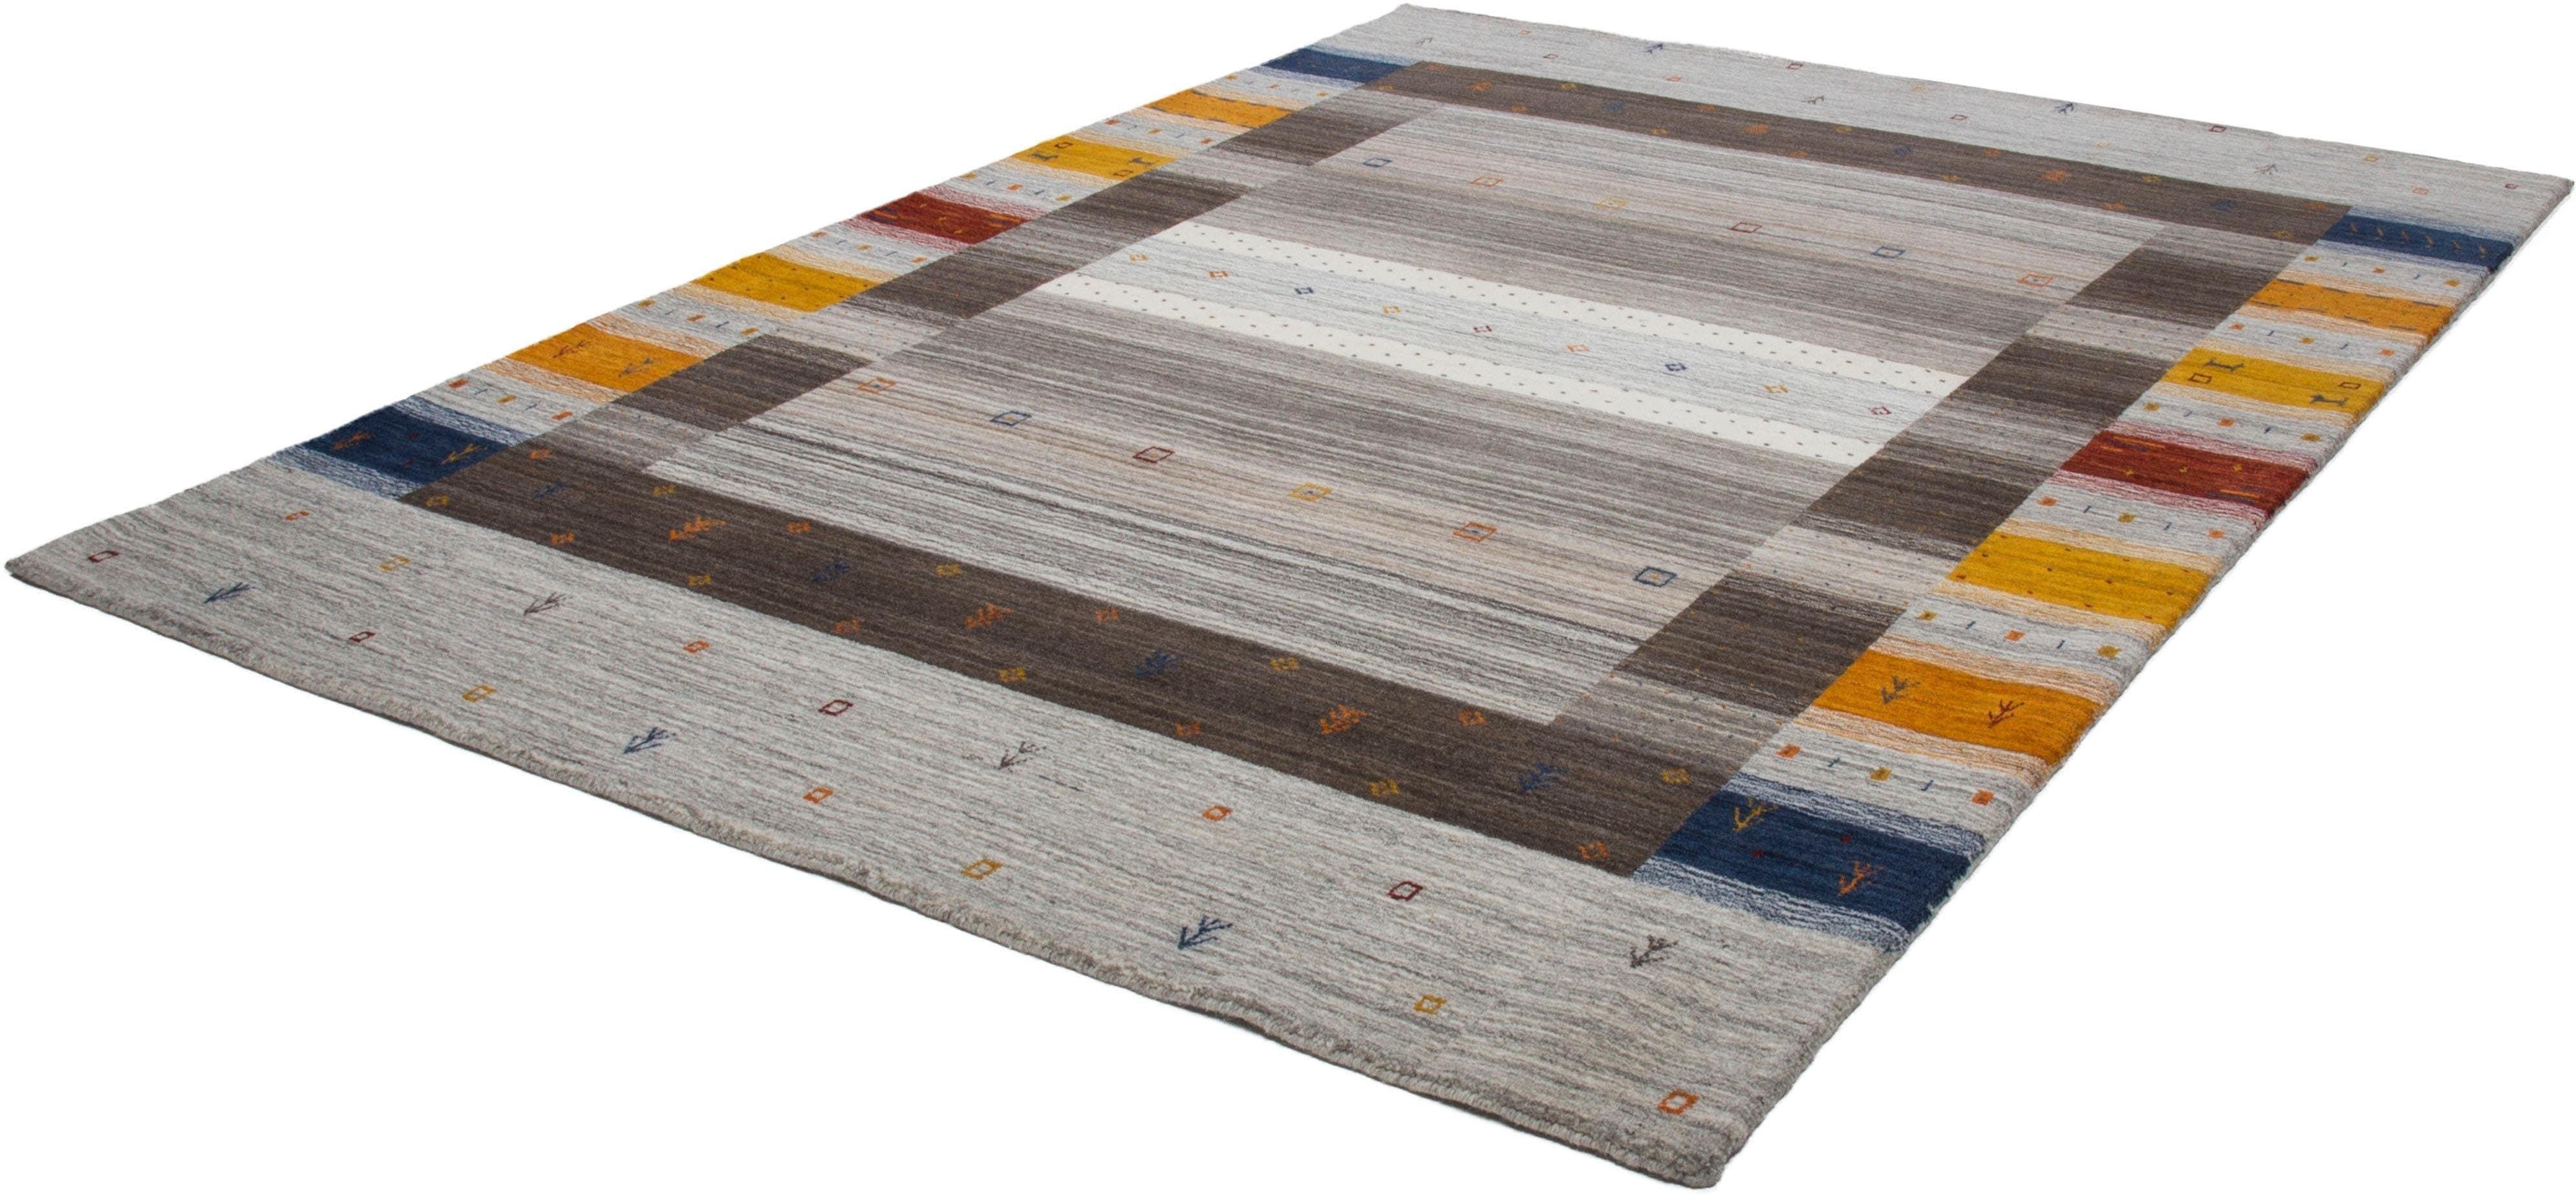 Wollteppich Danos 909 calo-deluxe rechteckig Höhe 13 mm manuell geknüpft